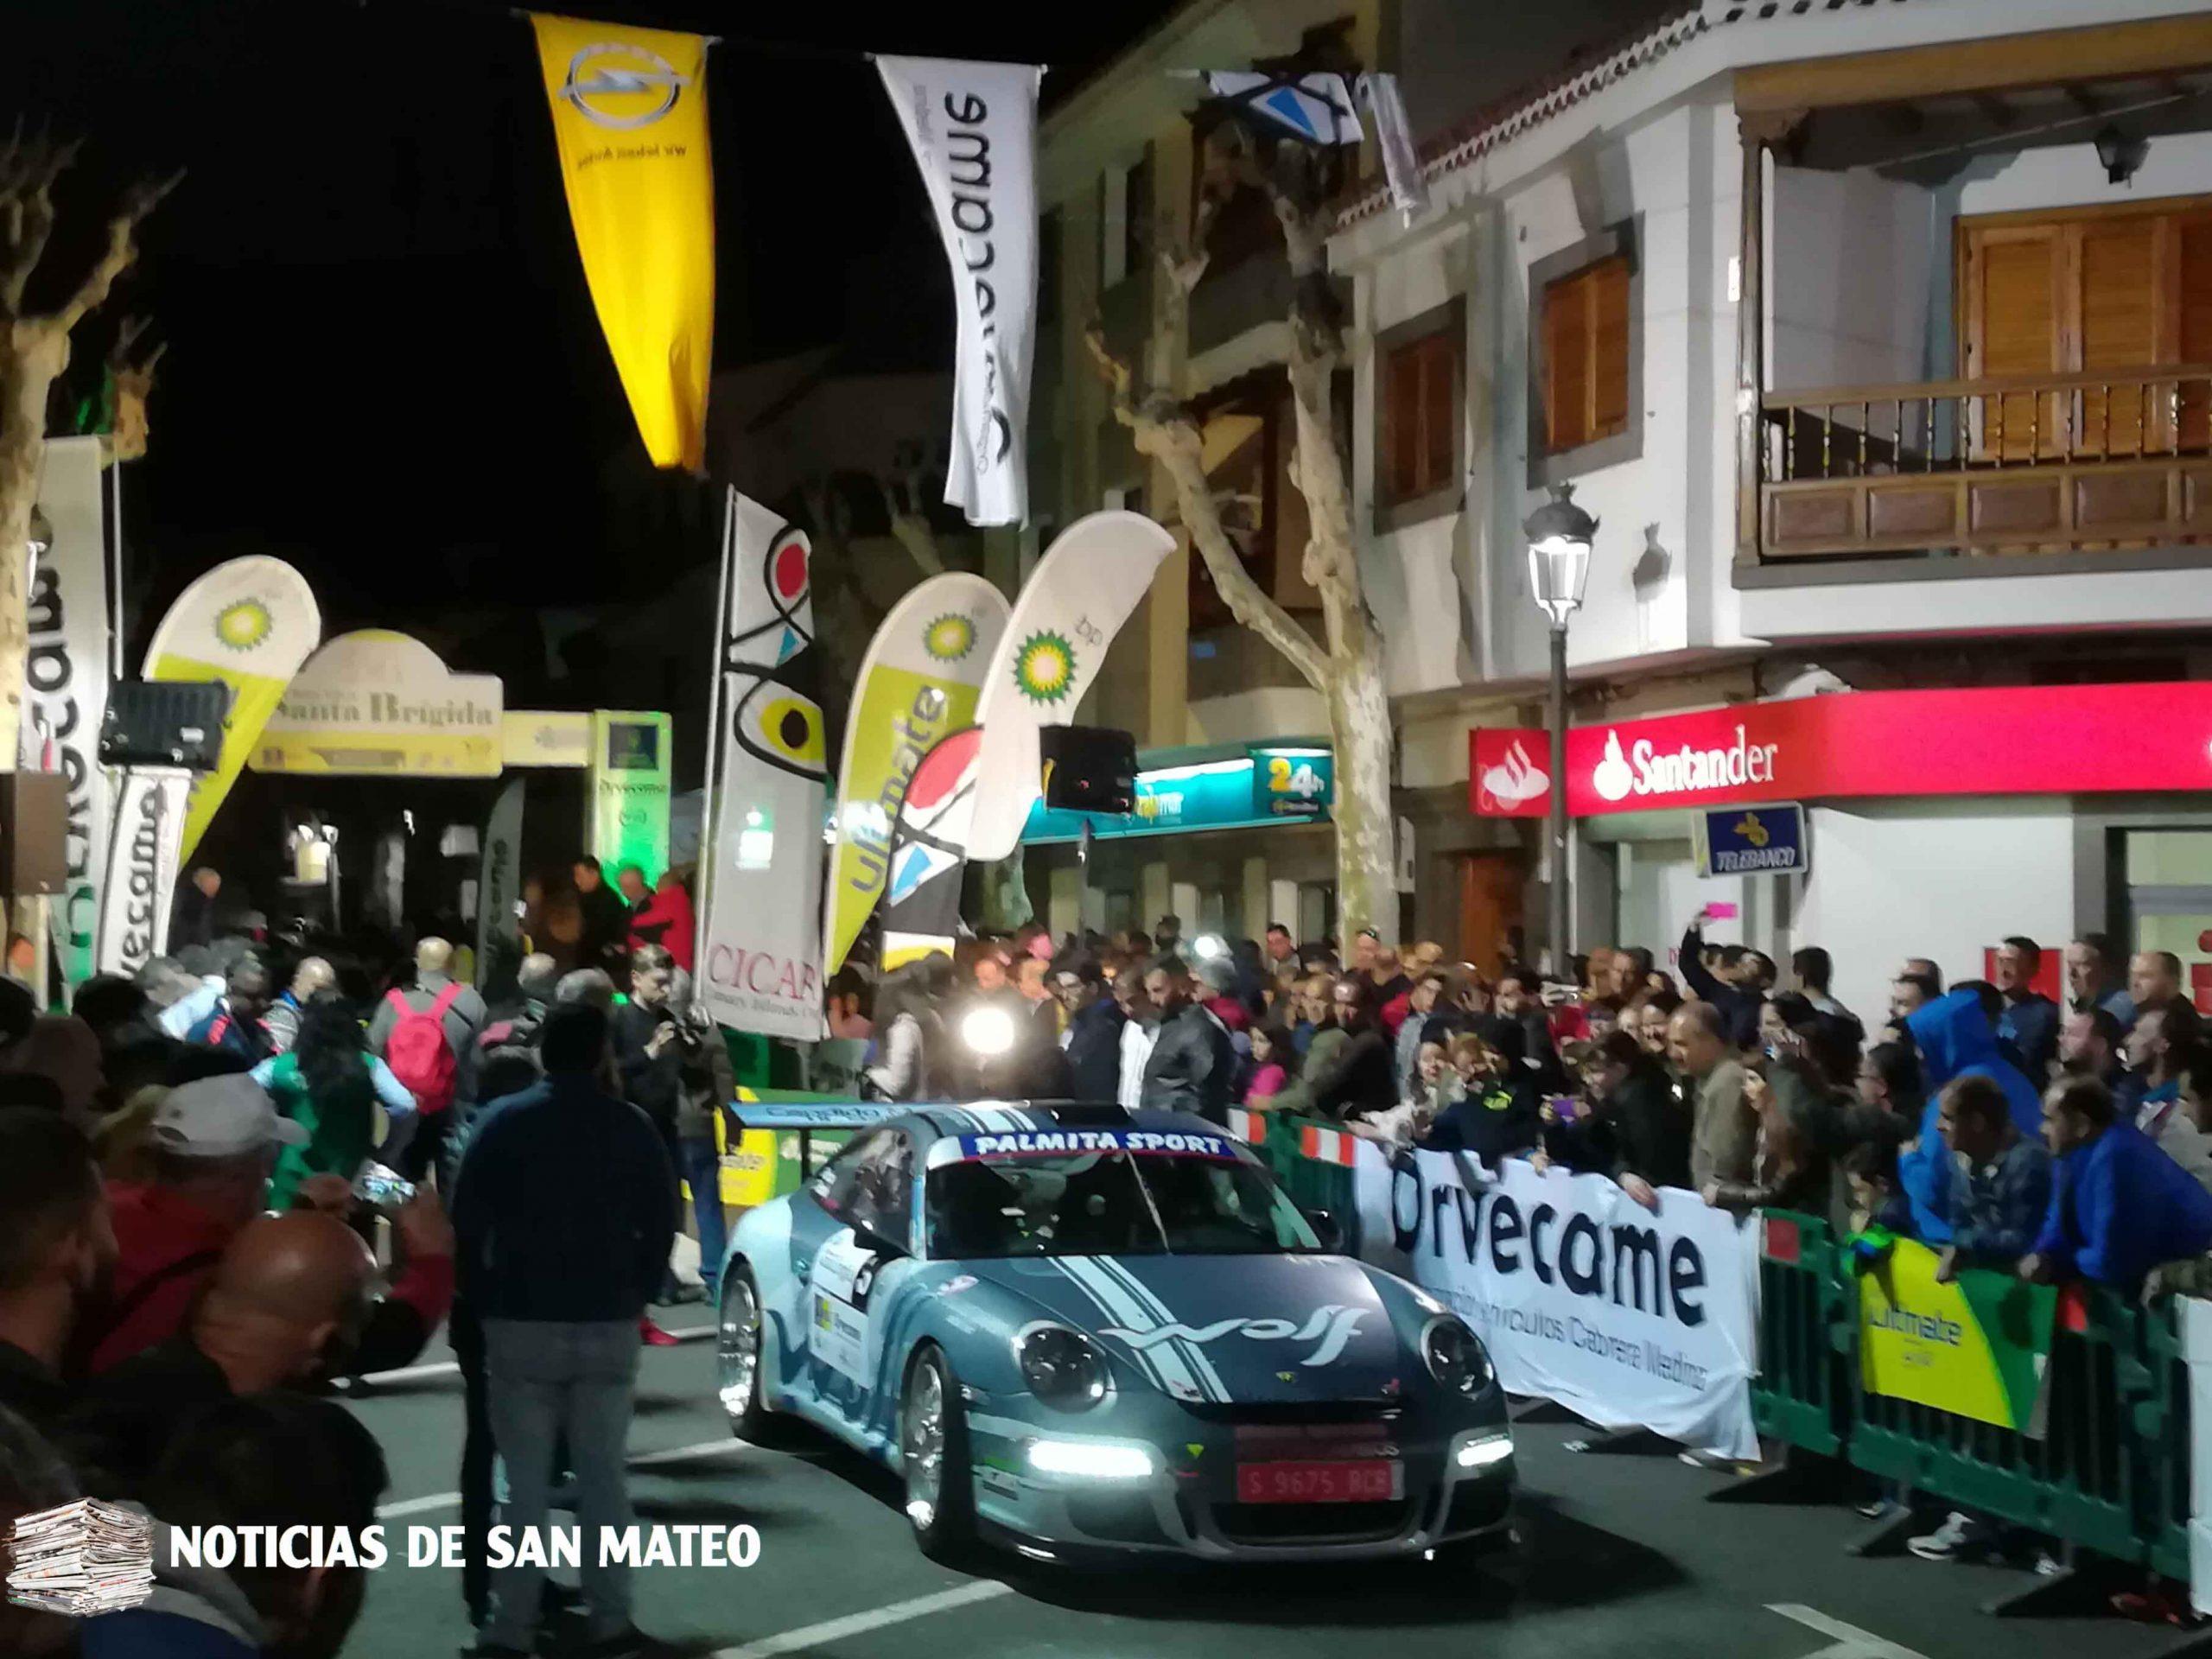 Abiertas las inscripciones para el Rallye Villa de Santa Brígida